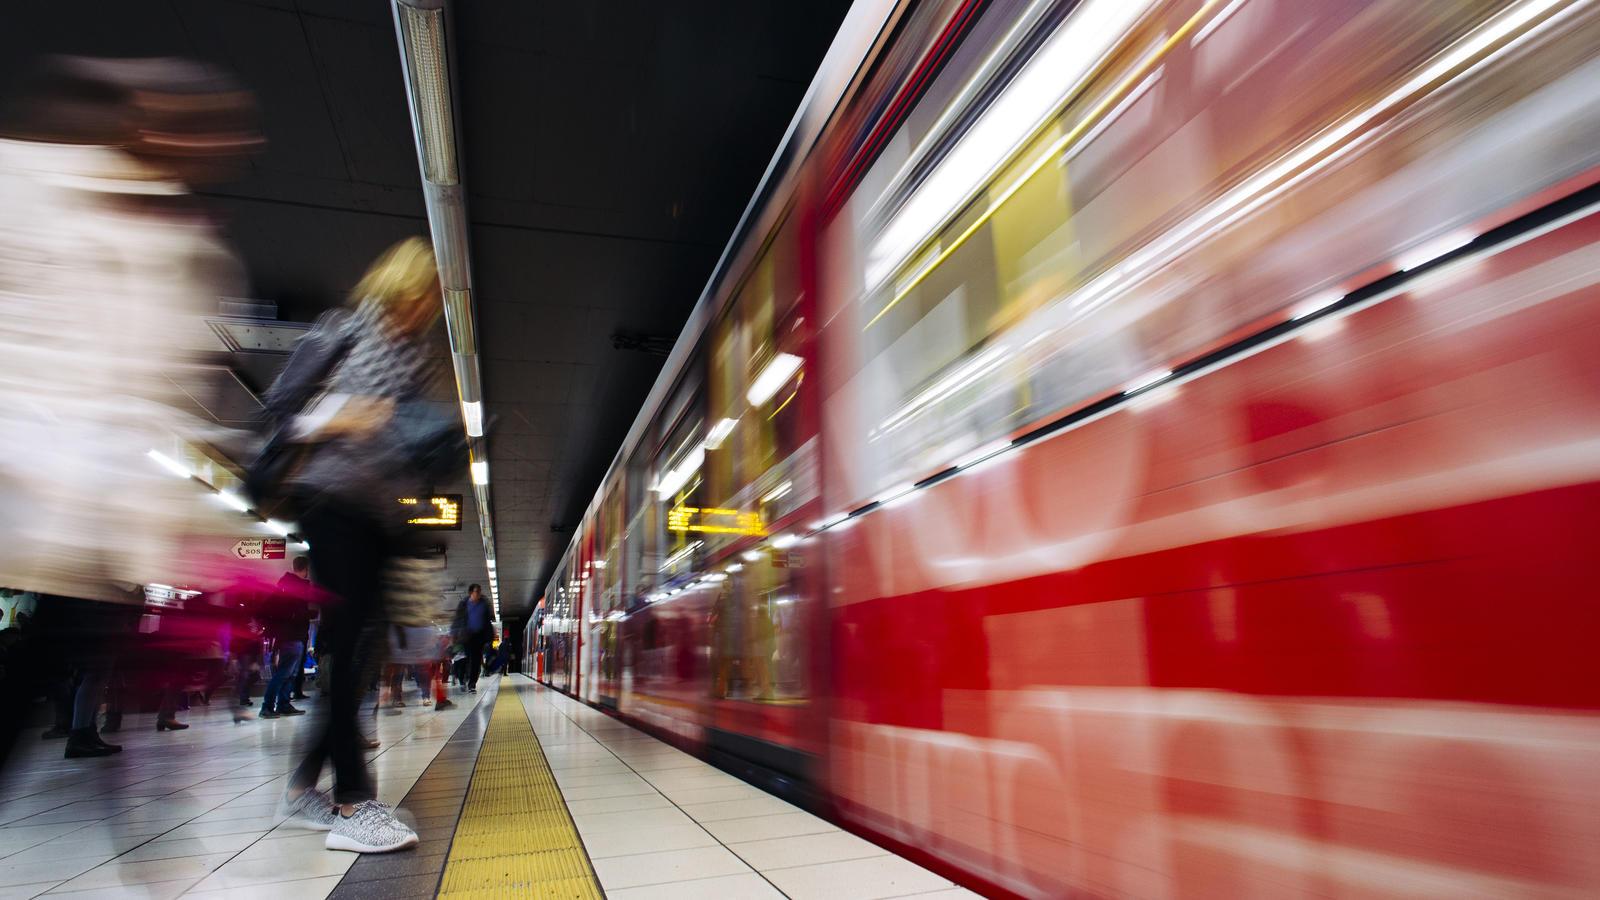 Attacke am Bahnsteig - 18-Jährige vor Bahn geschubst